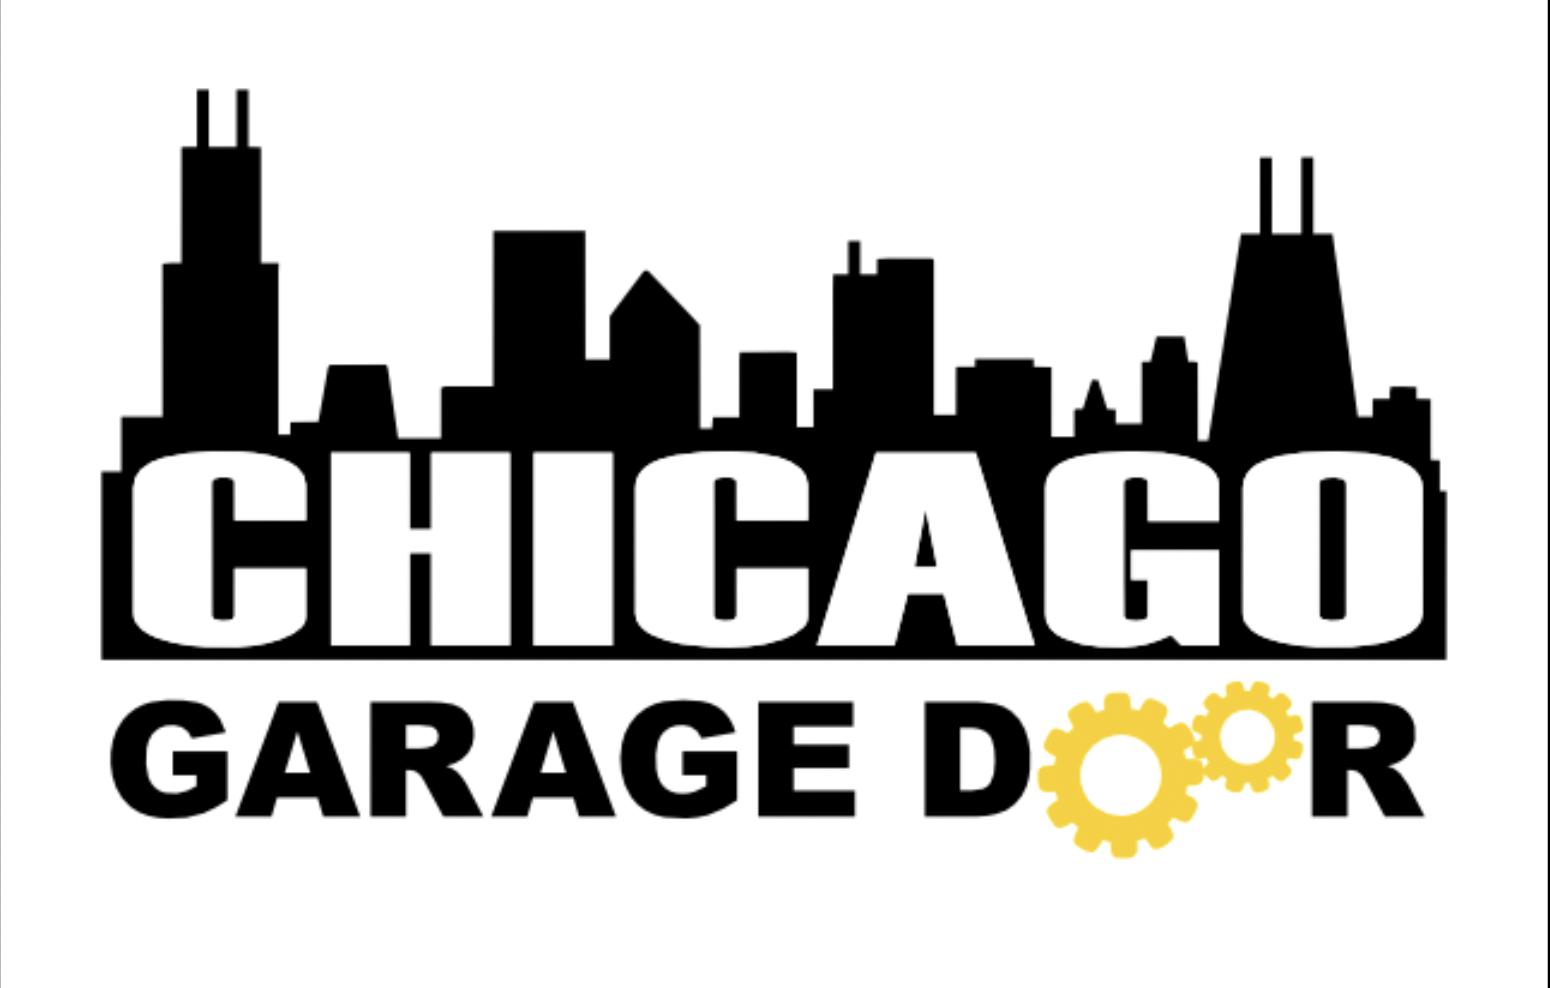 Chicago Garage Door Earns 5-Star Rating for Premier Garage Door Repair Services in Mundelein, IL